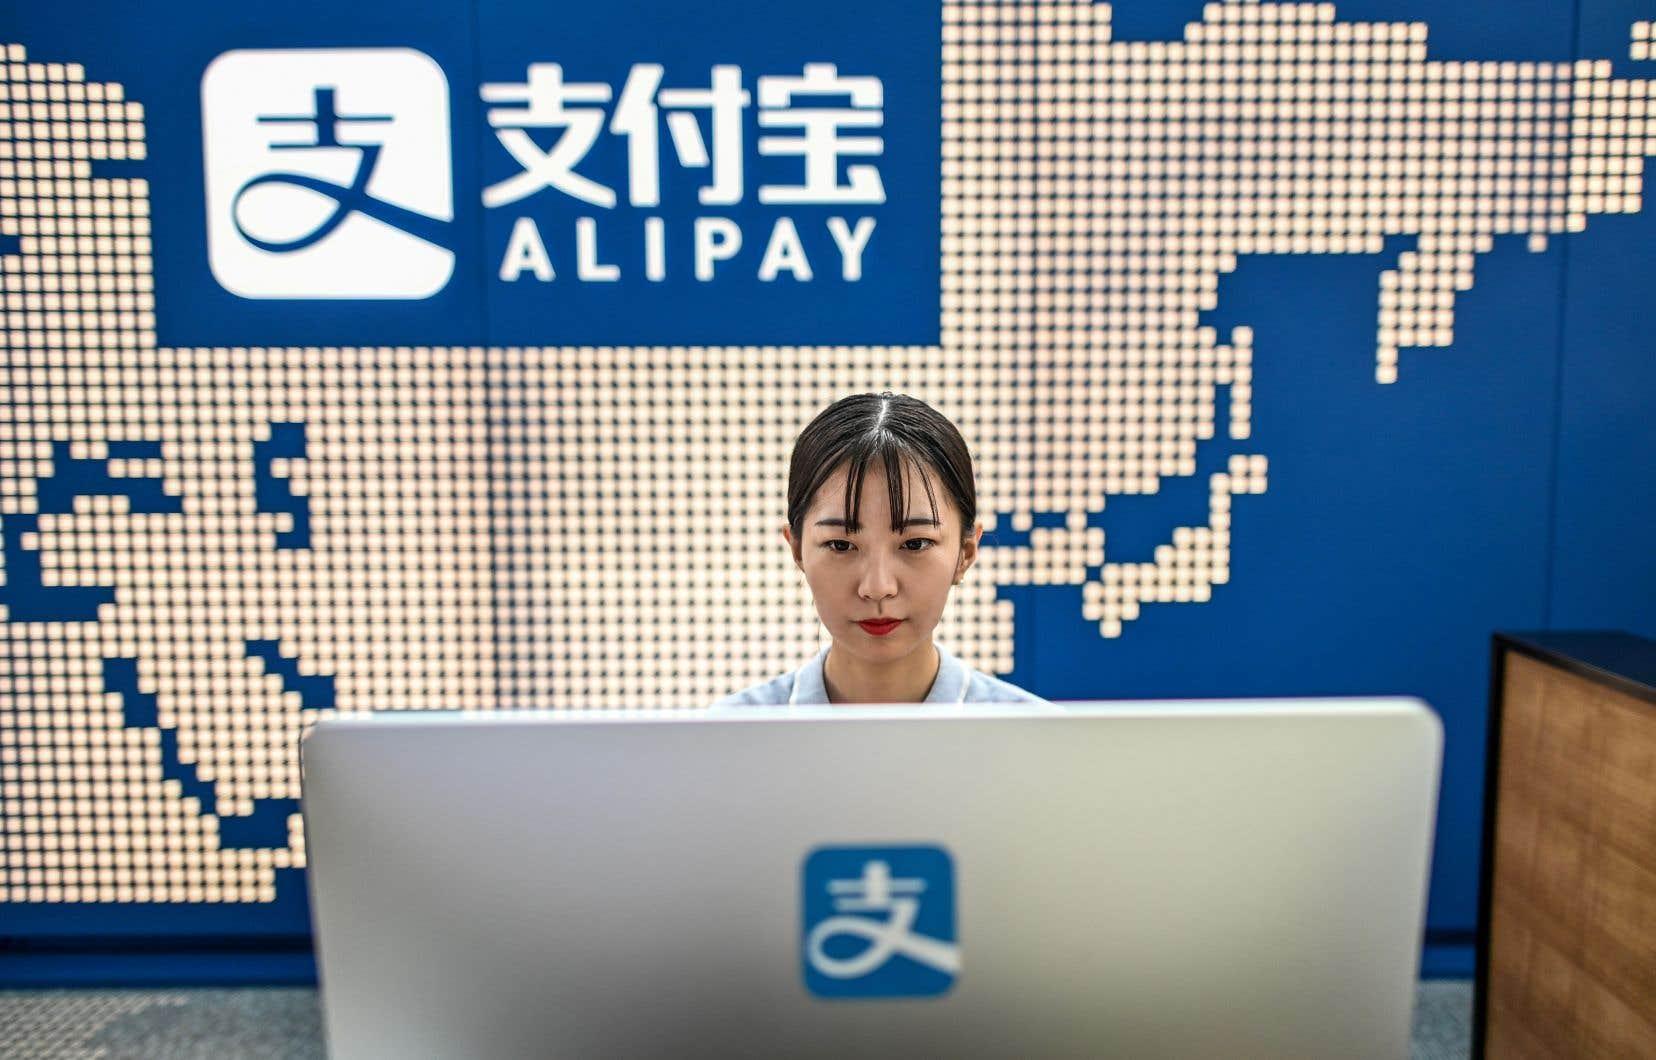 Ant Group, qui compte 731millions d'utilisateurs mensuels actifs sur sa plateforme de paiement Alipay, a contribué à révolutionner le commerce et les services de paiement en Chine.